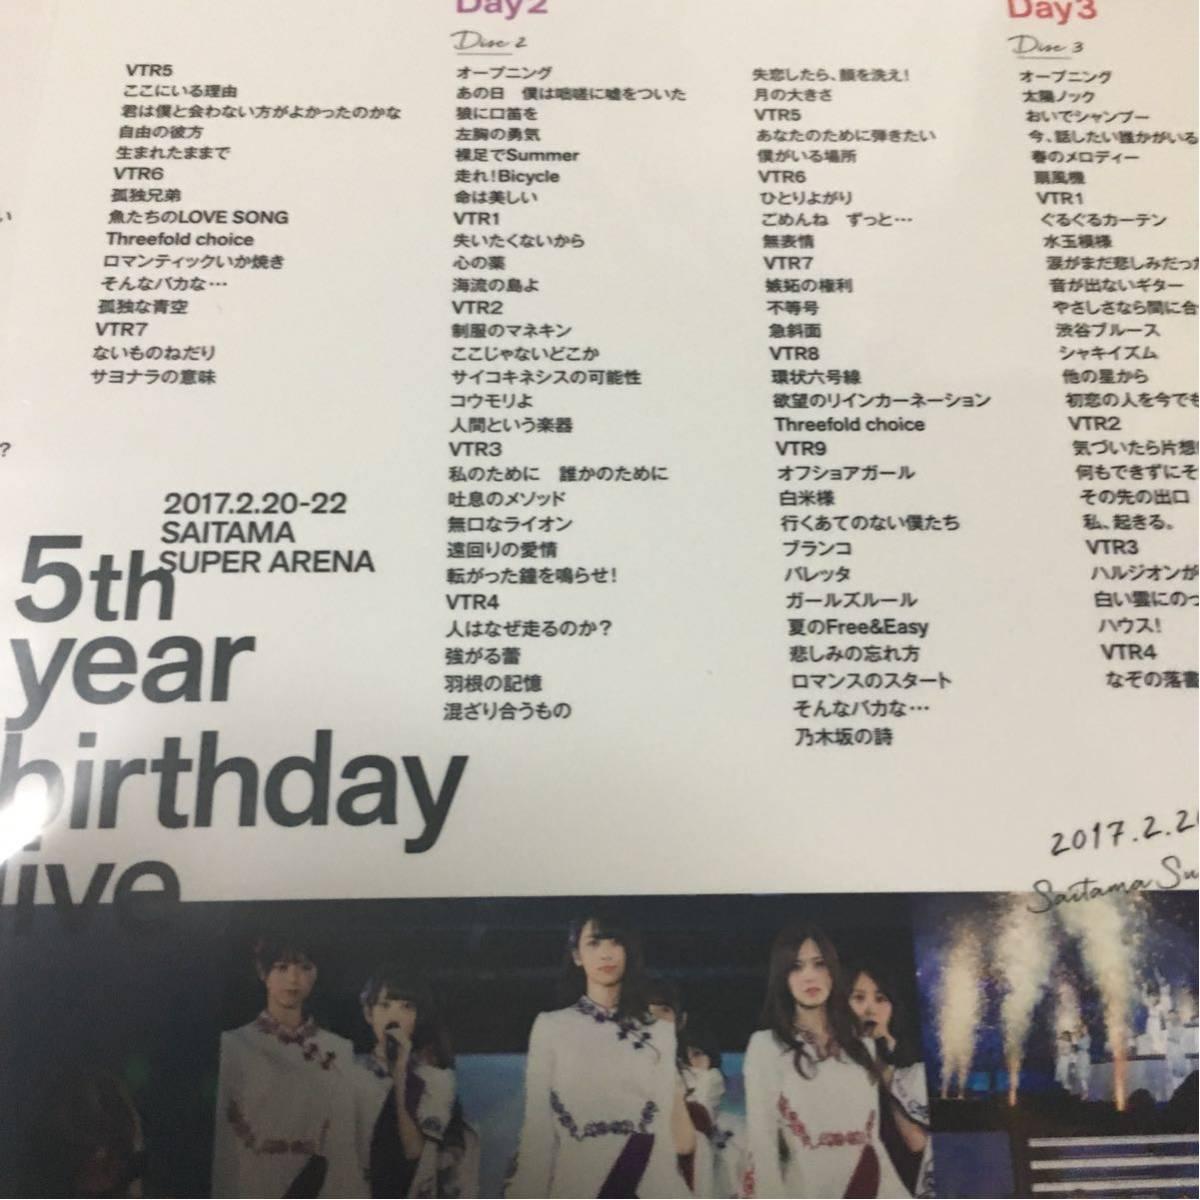 即決 乃木坂46 5th YEAR BIRTHDAY LIVE 2017.2.20-22 SAITAMA SUPER ARENA 完全生産限定盤 (Blu-ray) 新品_画像3